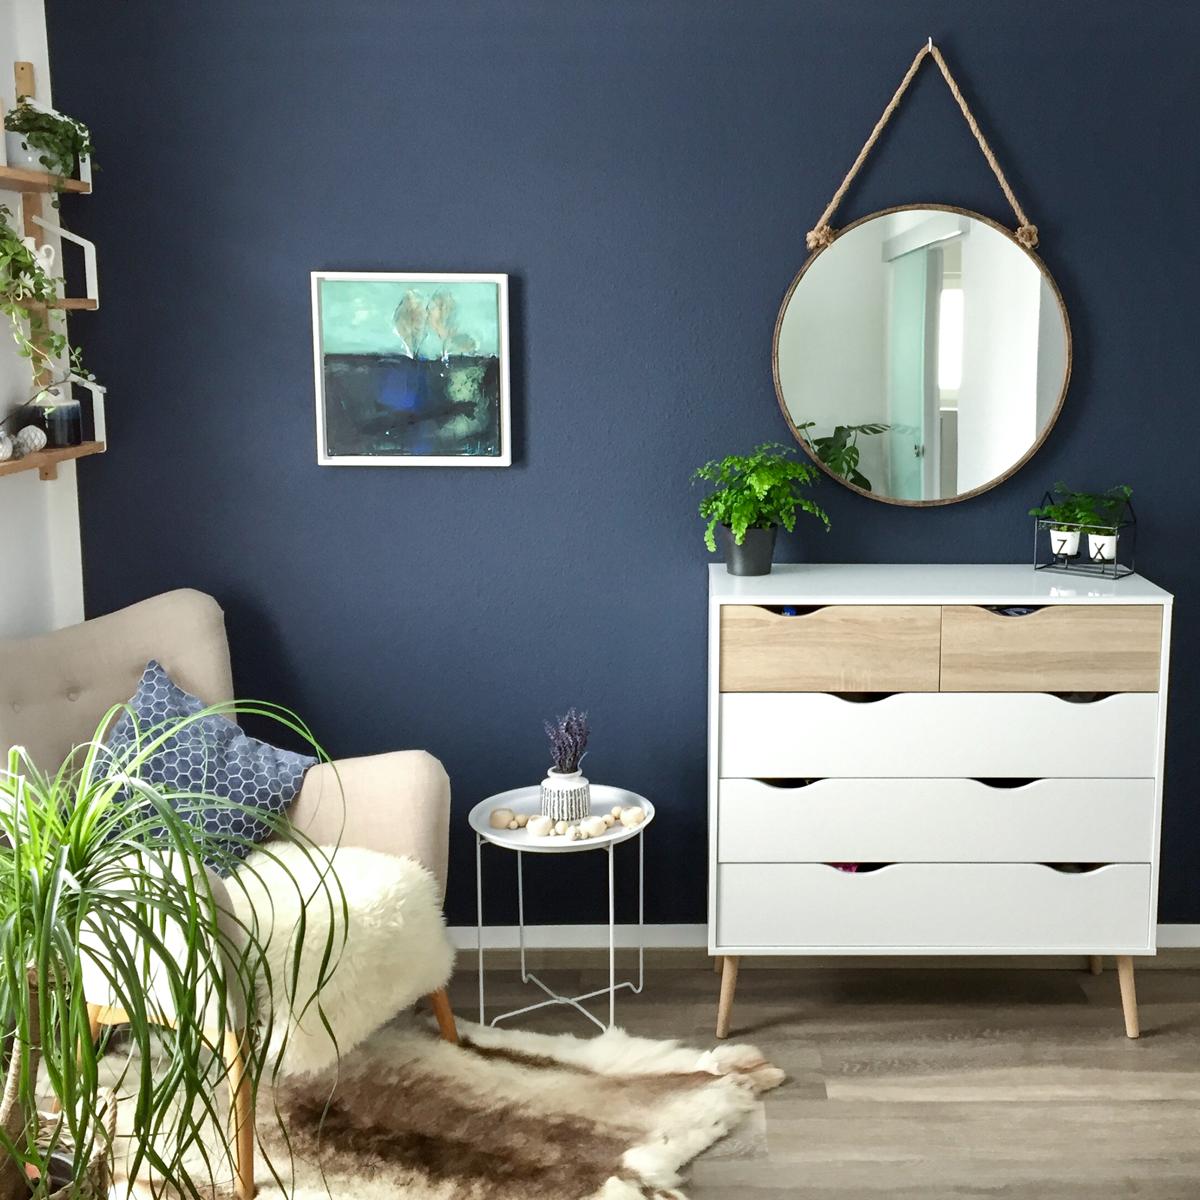 Belem Architects Finest Schoner Wohnen Farbe Ein Kostbares Tiefgrundiges Blau D In 2020 Schoner Wohnen Schlafzimmer Blaues Schlafzimmer Schoner Wohnen Farbe